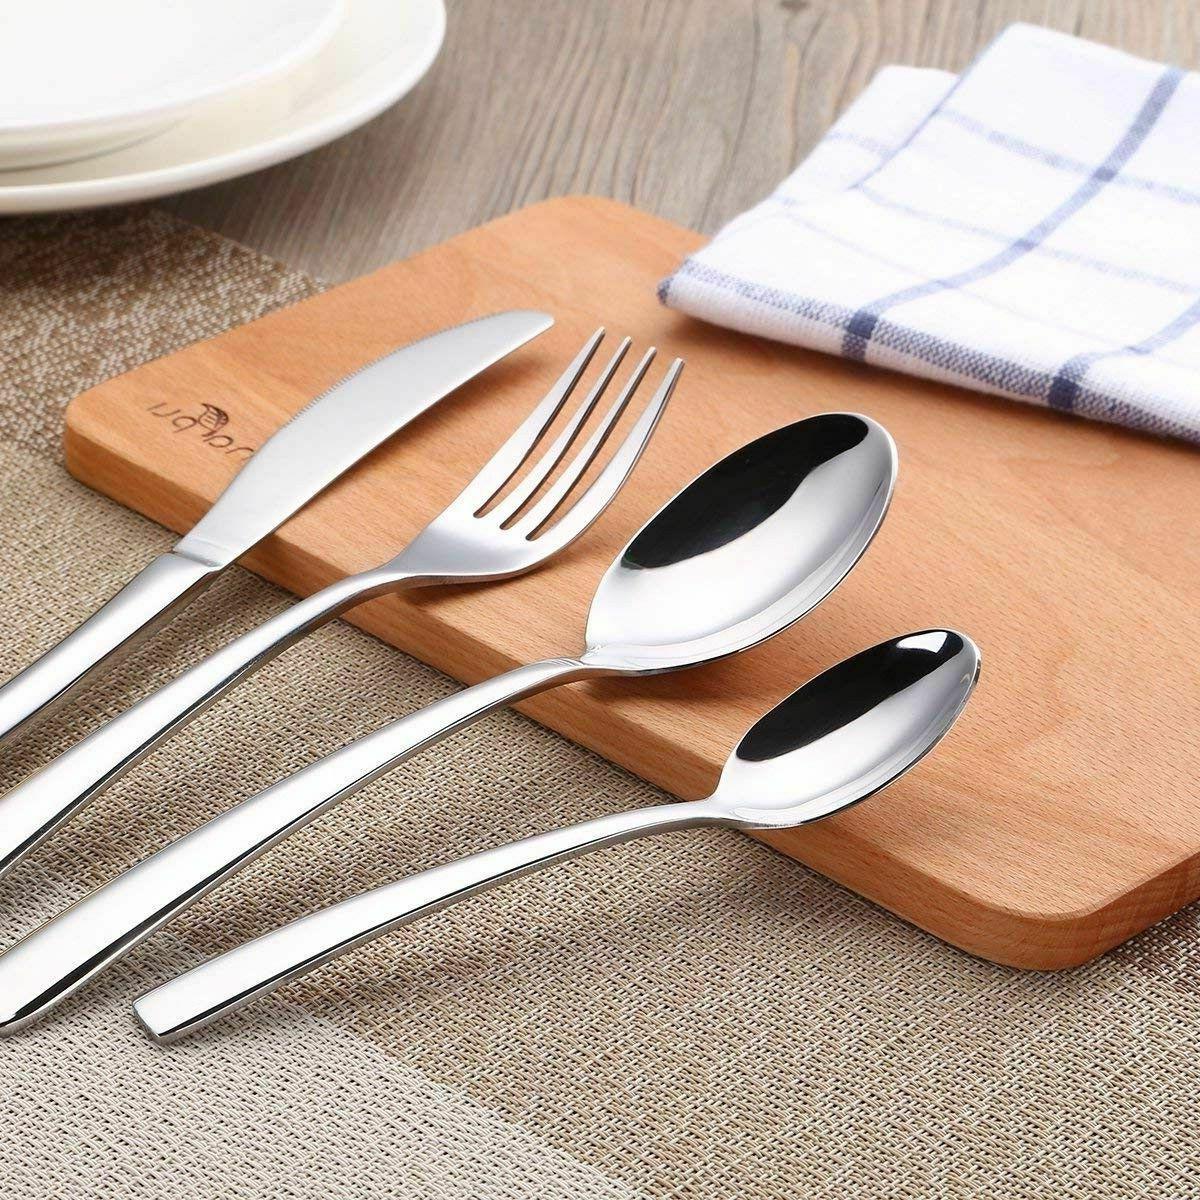 Modern Kitchen Silverware Stainless Steel 24 Piece